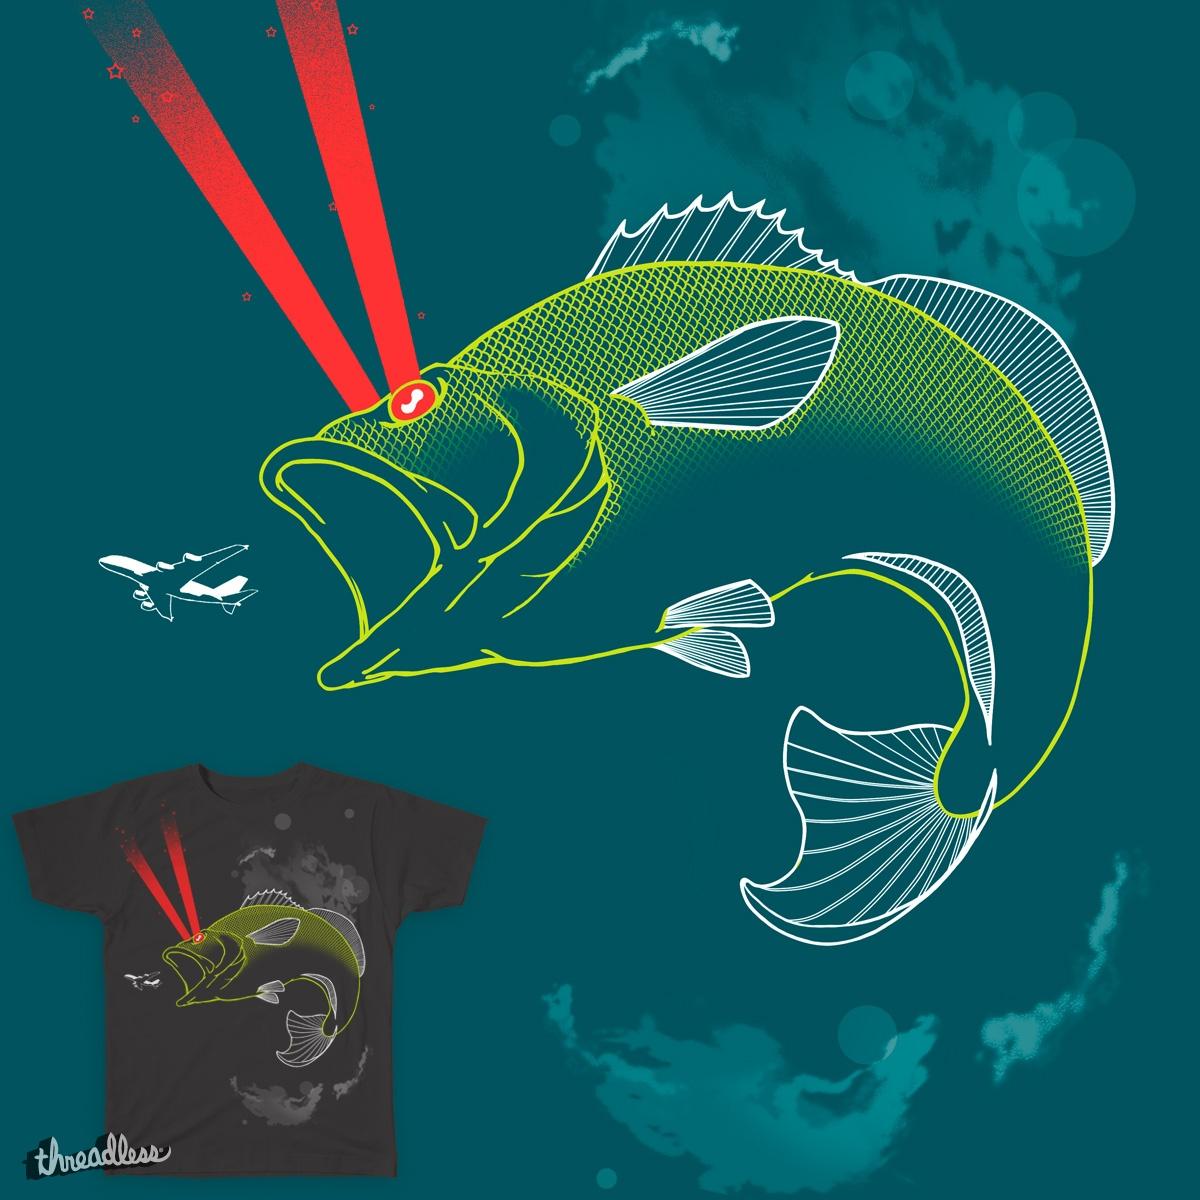 Laser Bass by galehaut on Threadless